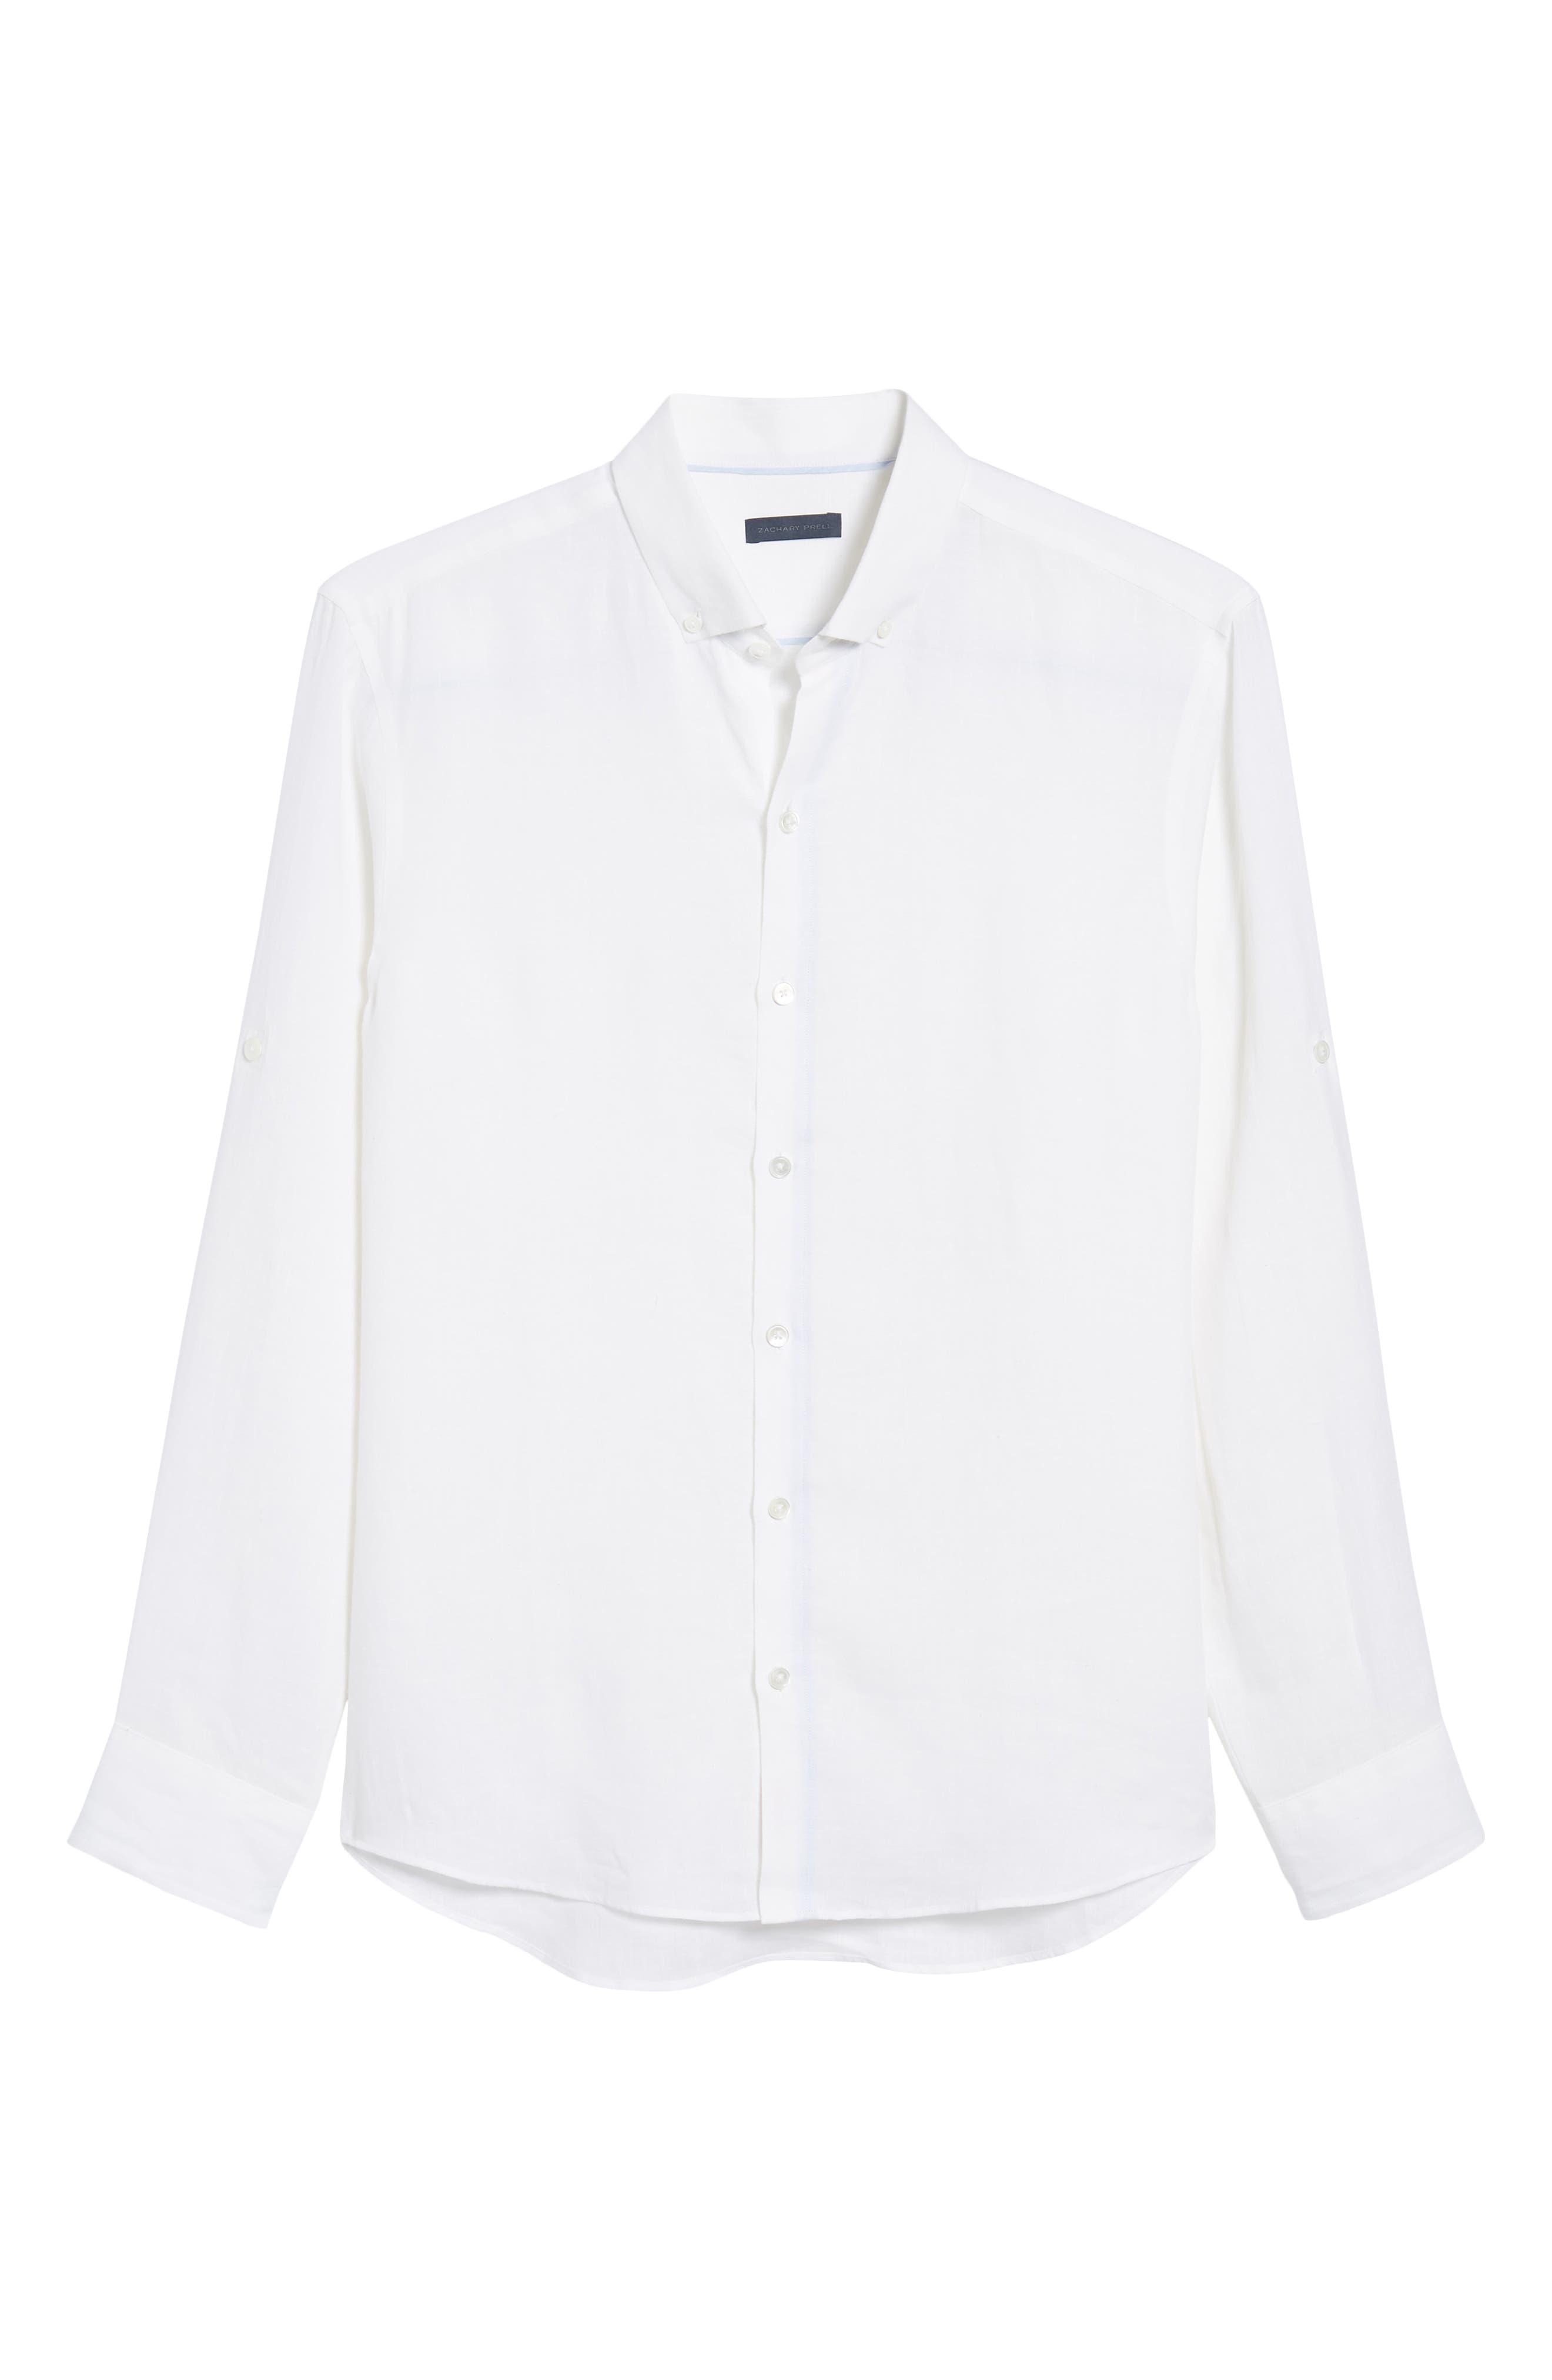 Yang Linen Sport Shirt,                             Alternate thumbnail 6, color,                             WHITE